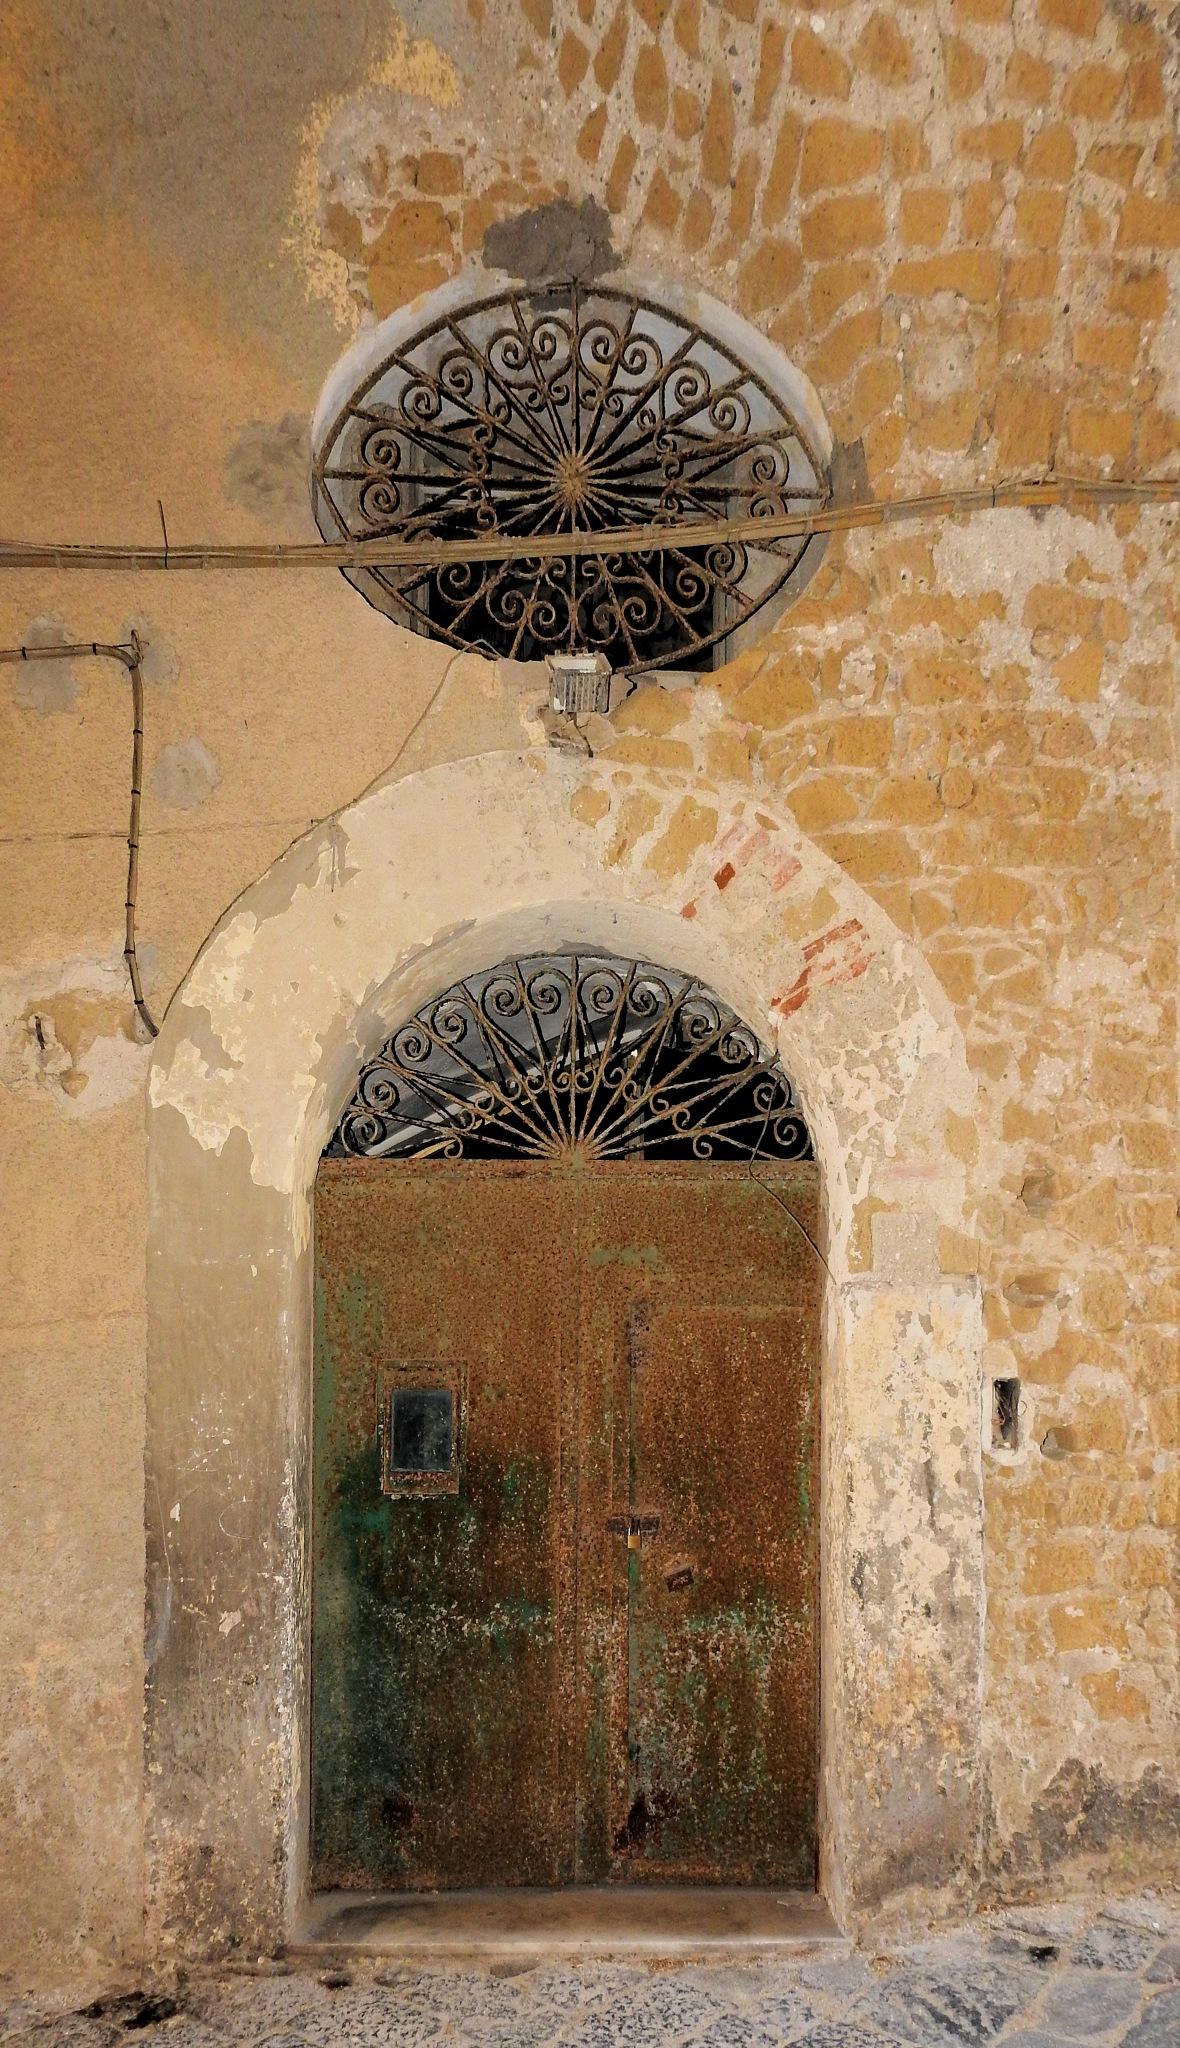 Photo in Still Life #prison #arnaldo de lisio #island #procida #decay #naples #italy #ruin #penitenziario #ergastolo #rovine #jail #terra murata #portone #porta #door #life imprisonment #napoli #italia #dead prison #istituto di pena #carcere #rusted